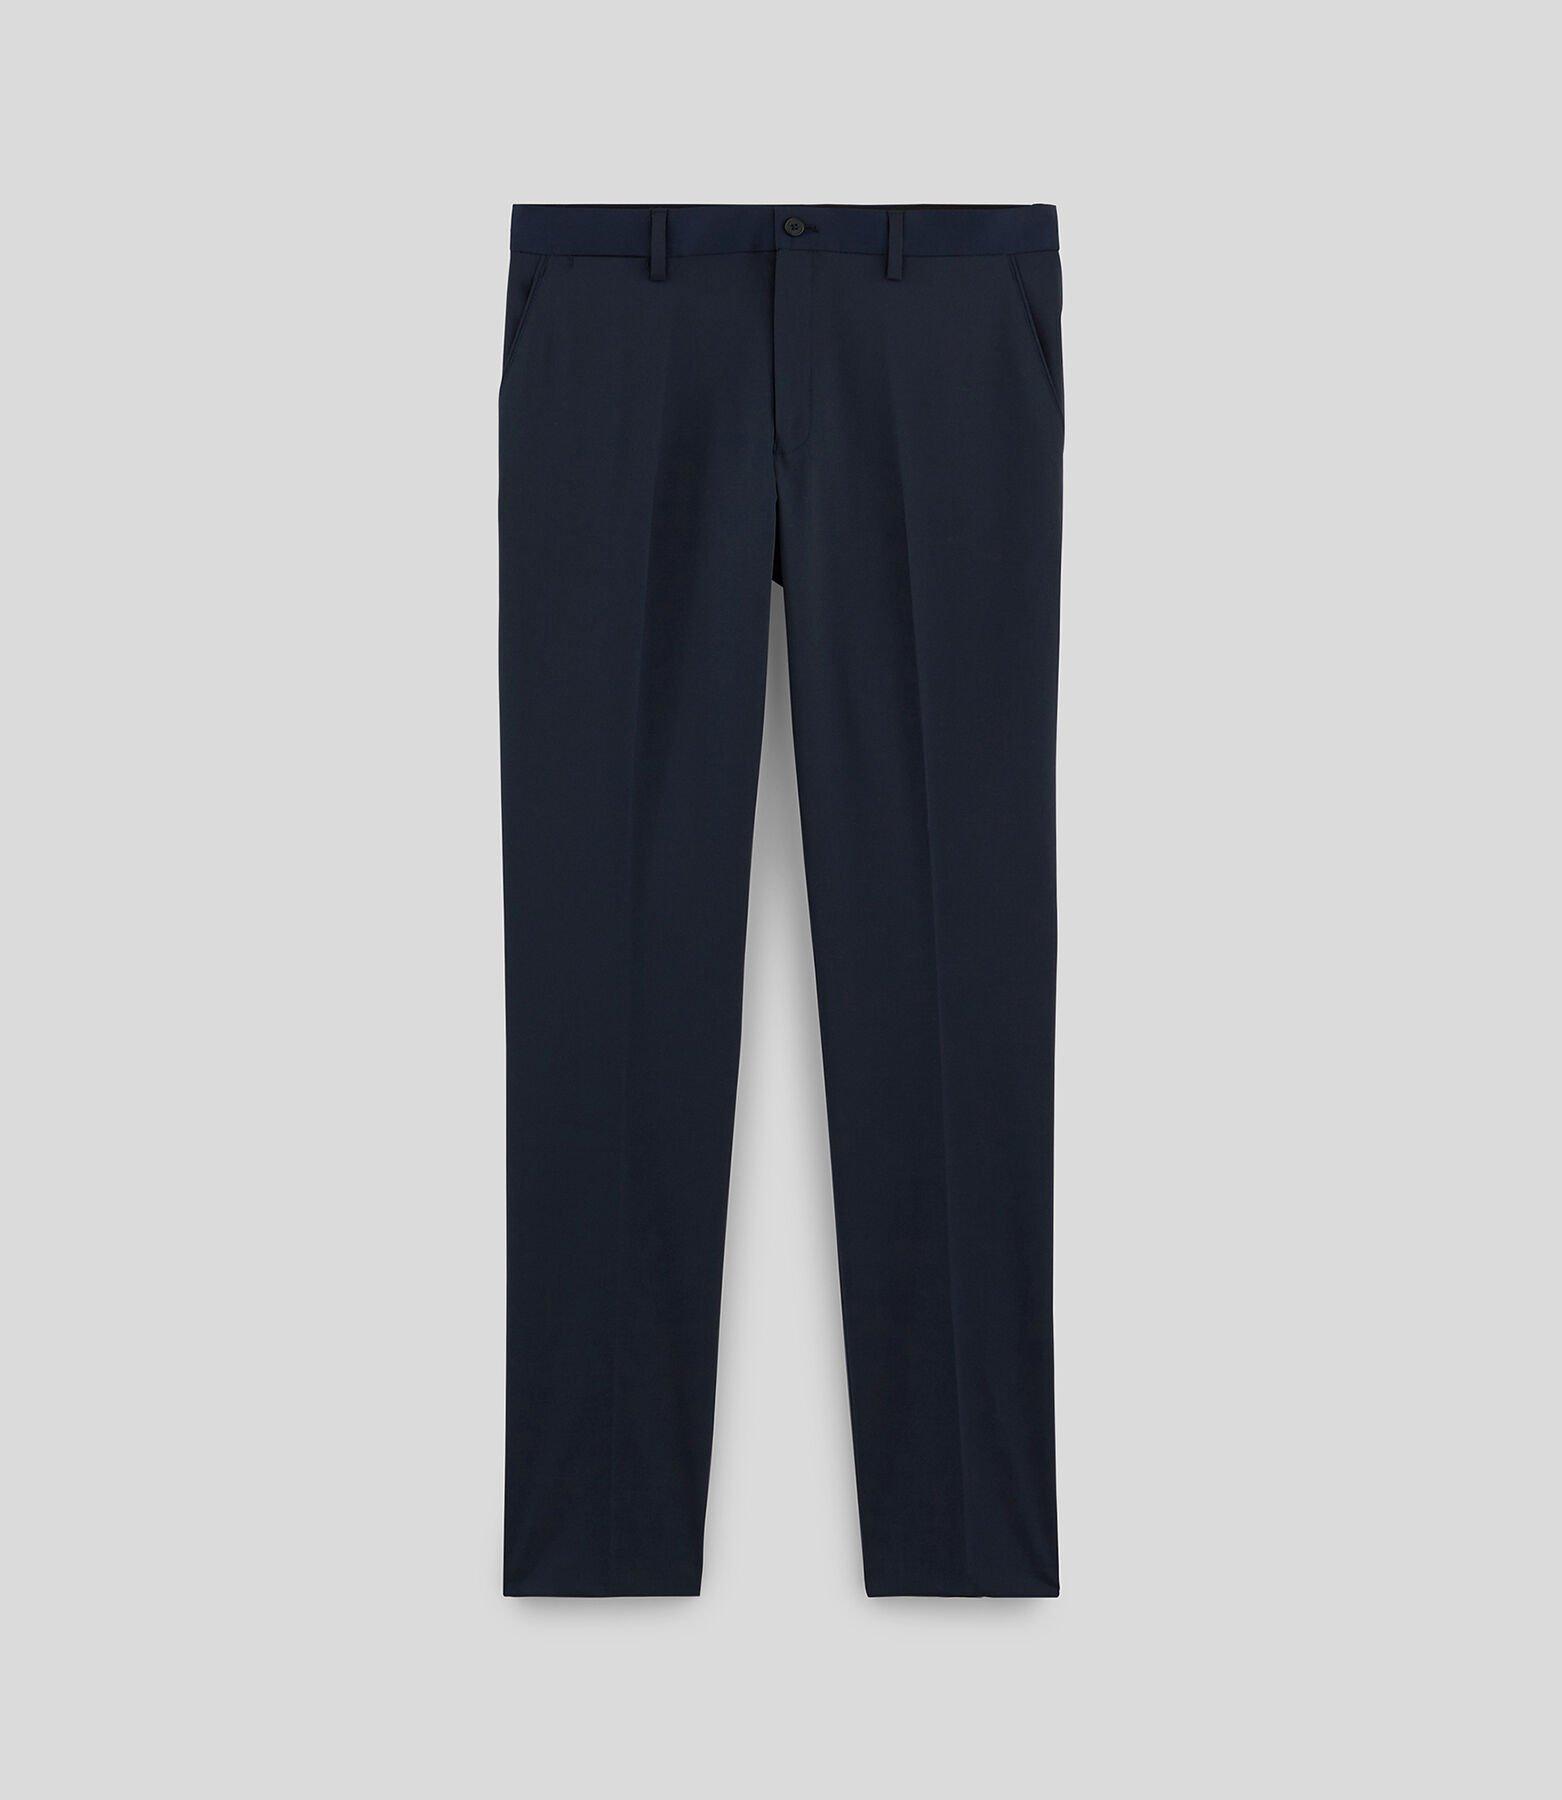 Pantalon Costume Bleu Marine